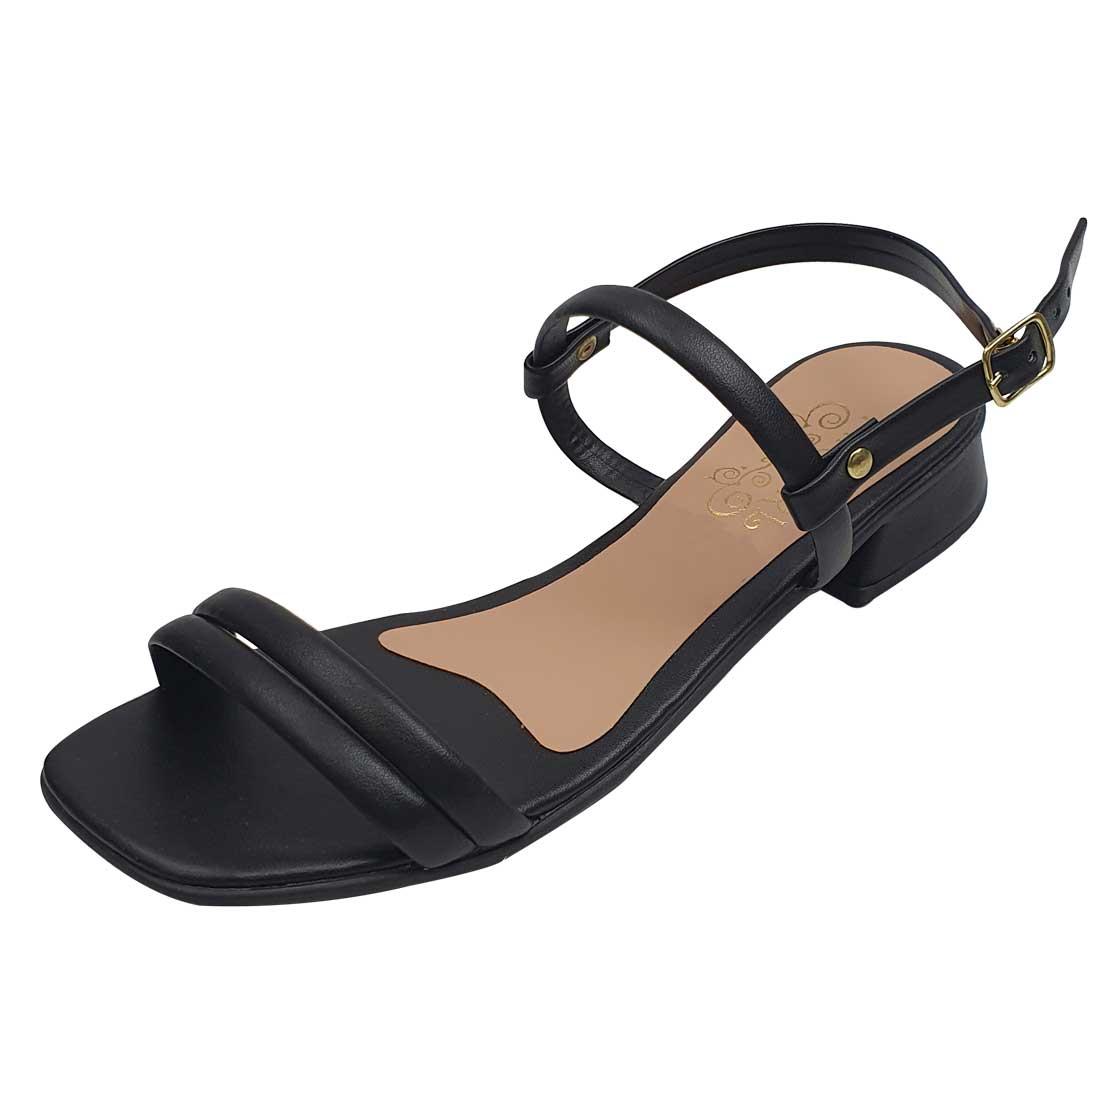 Sandália Salto Baixo com Tiras - Preto